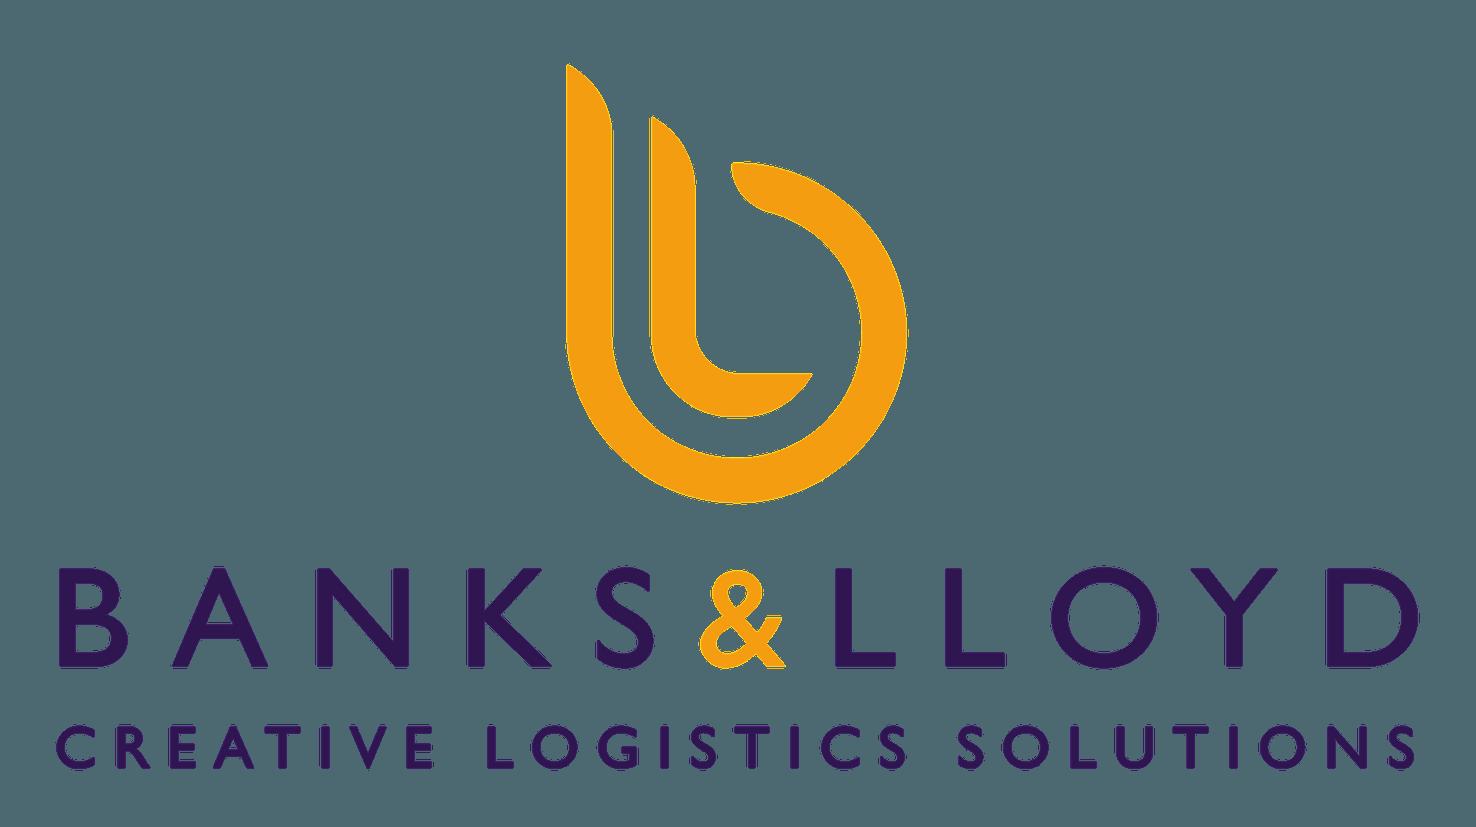 Banks & Lloyd (Shipping) Ltd